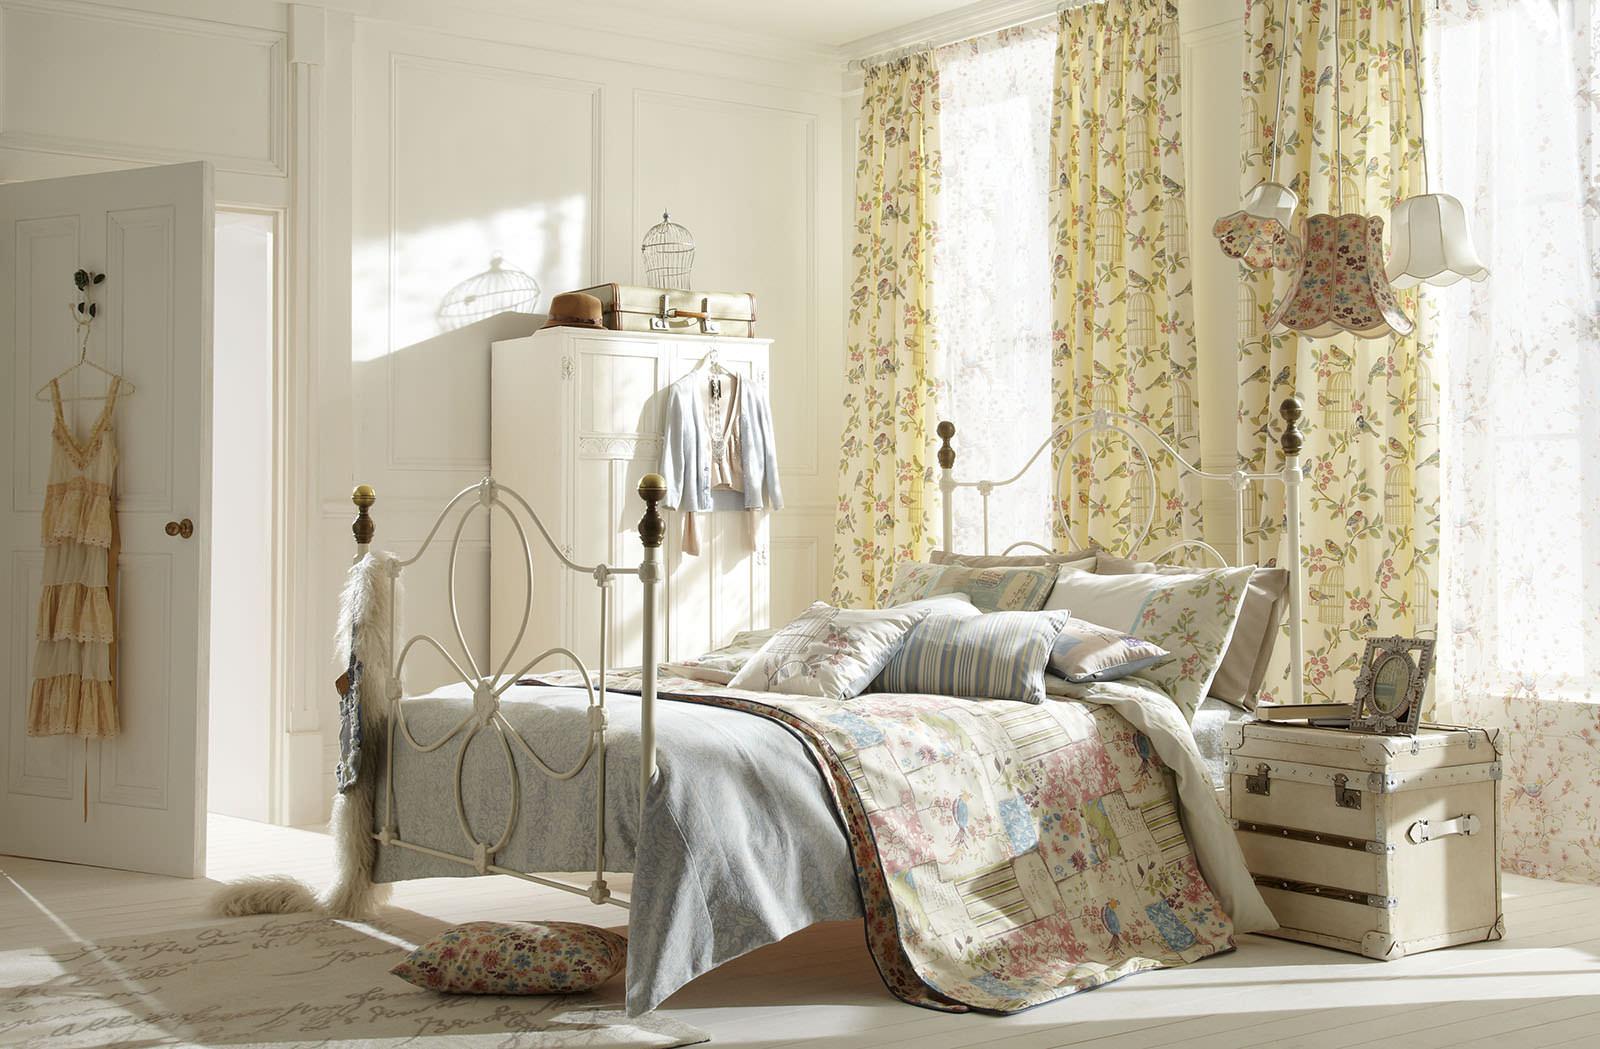 Шторы с цветочным узором в стиле шебби-шик в спальне